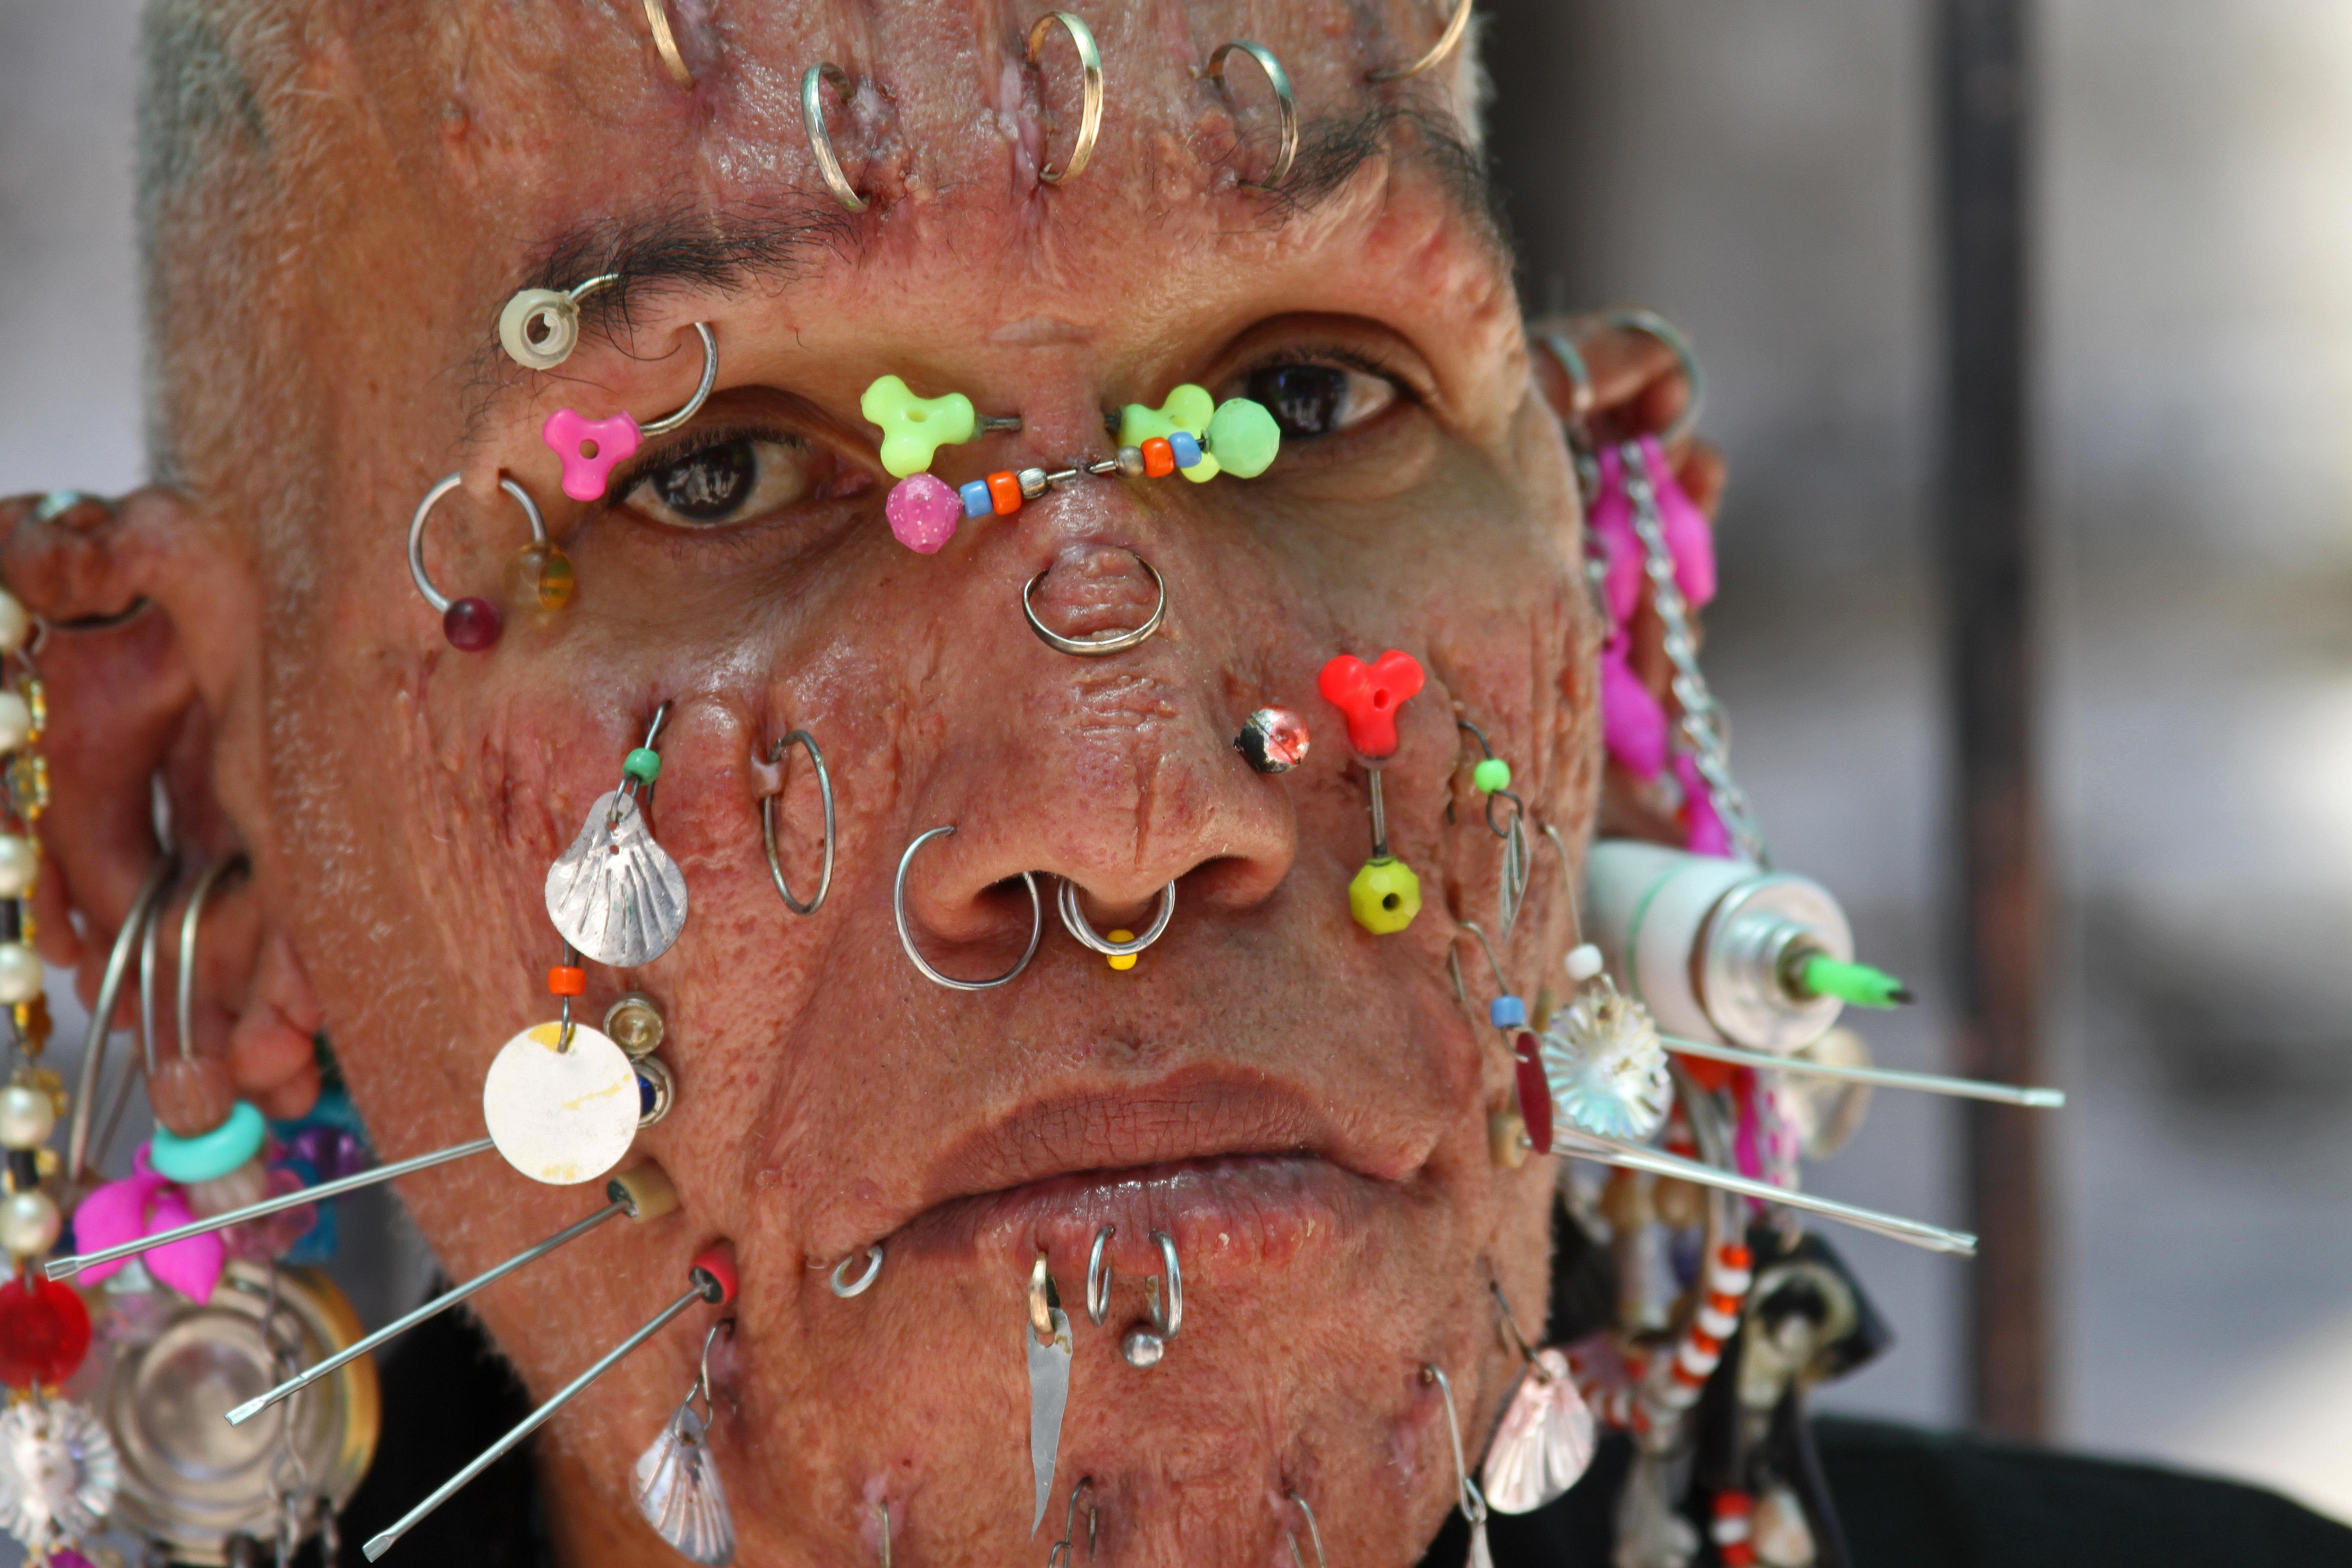 Body piercings — photo 15